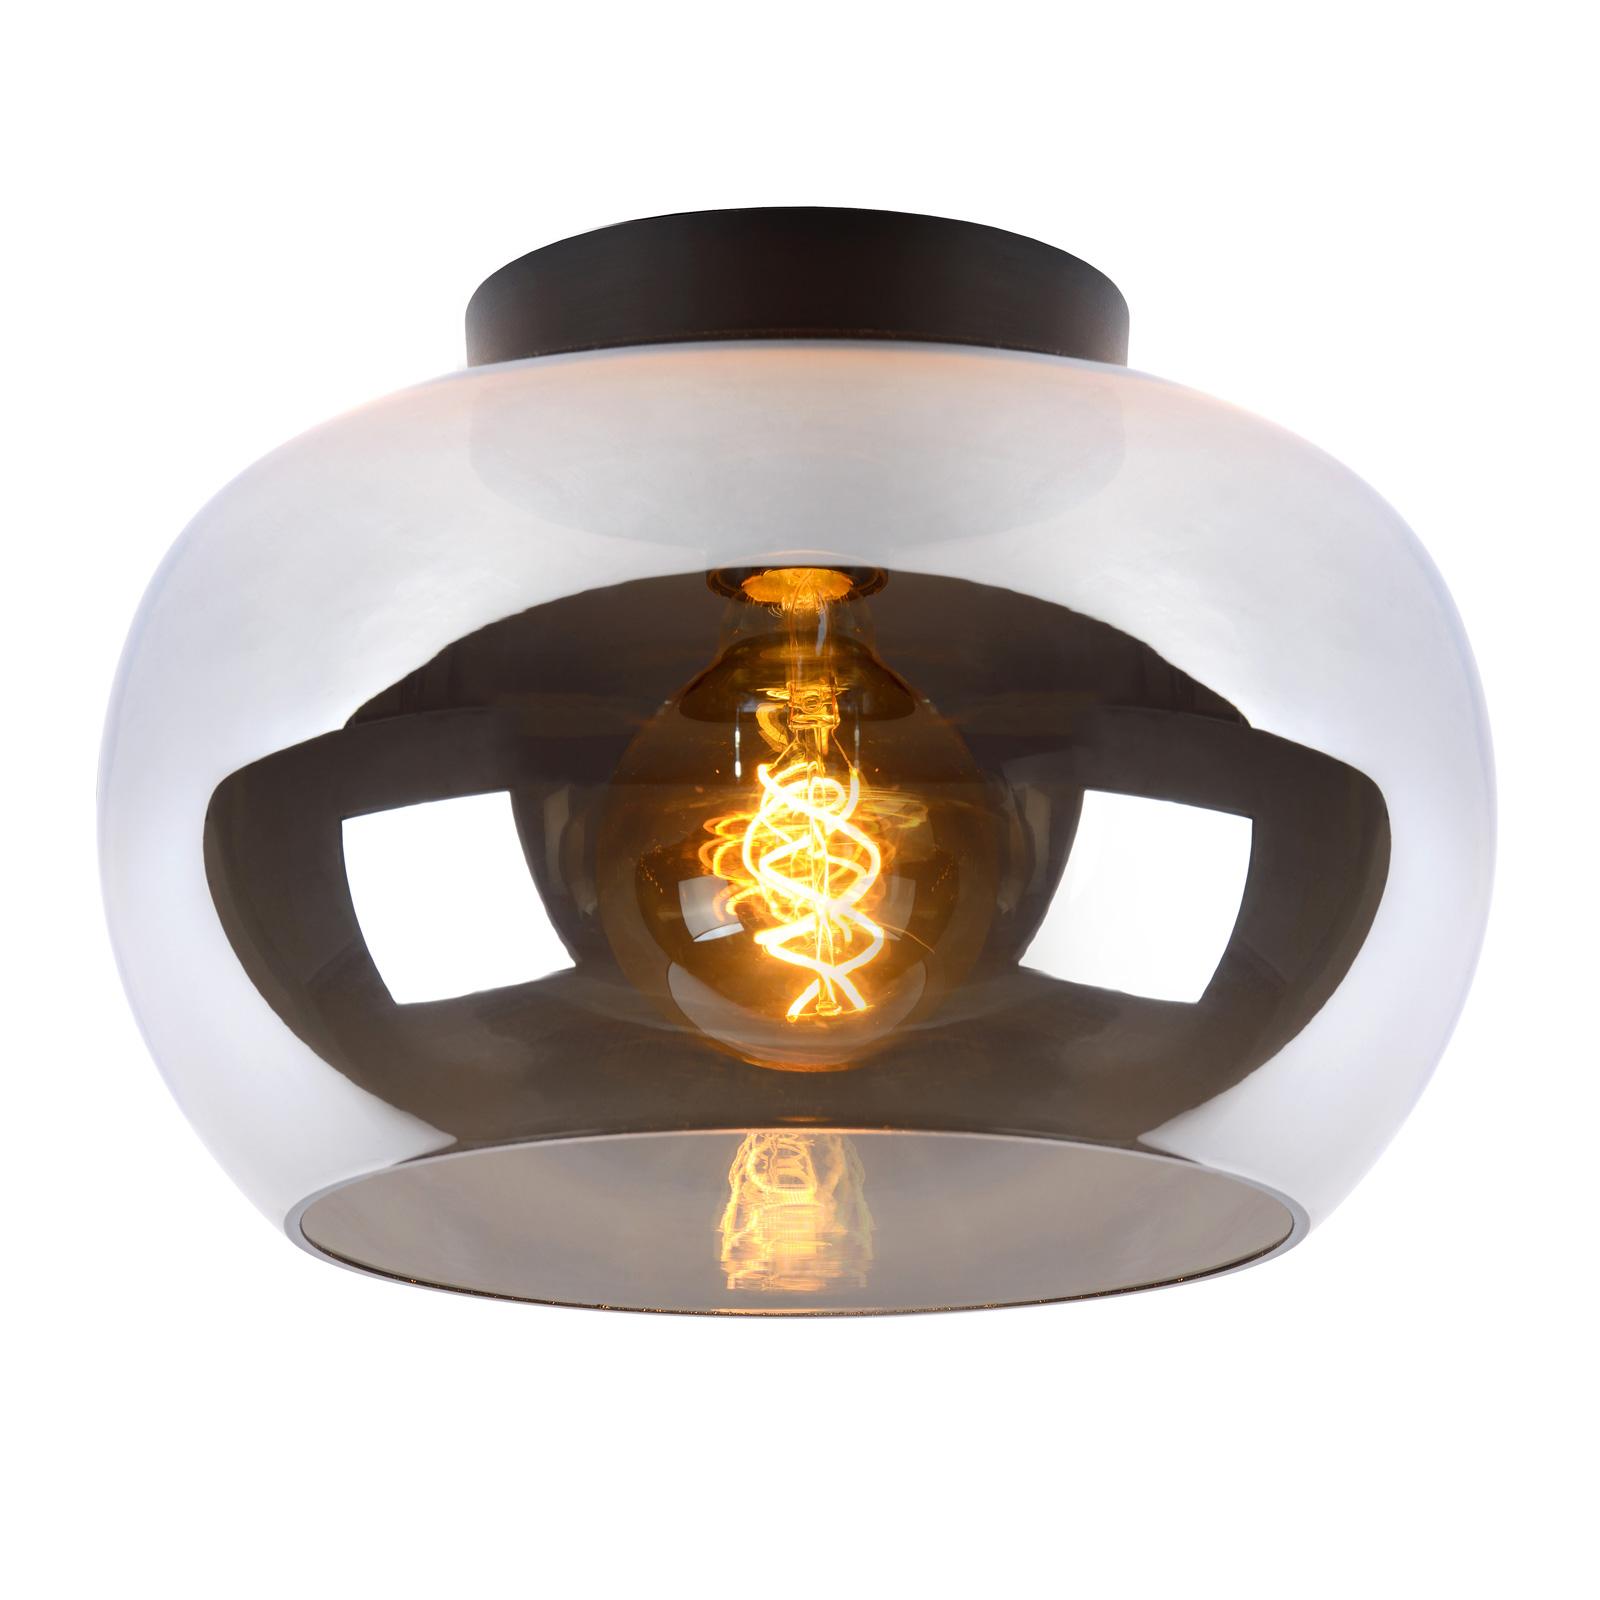 Lampa sufitowa Judi ze szkła, Ø 30,5 cm